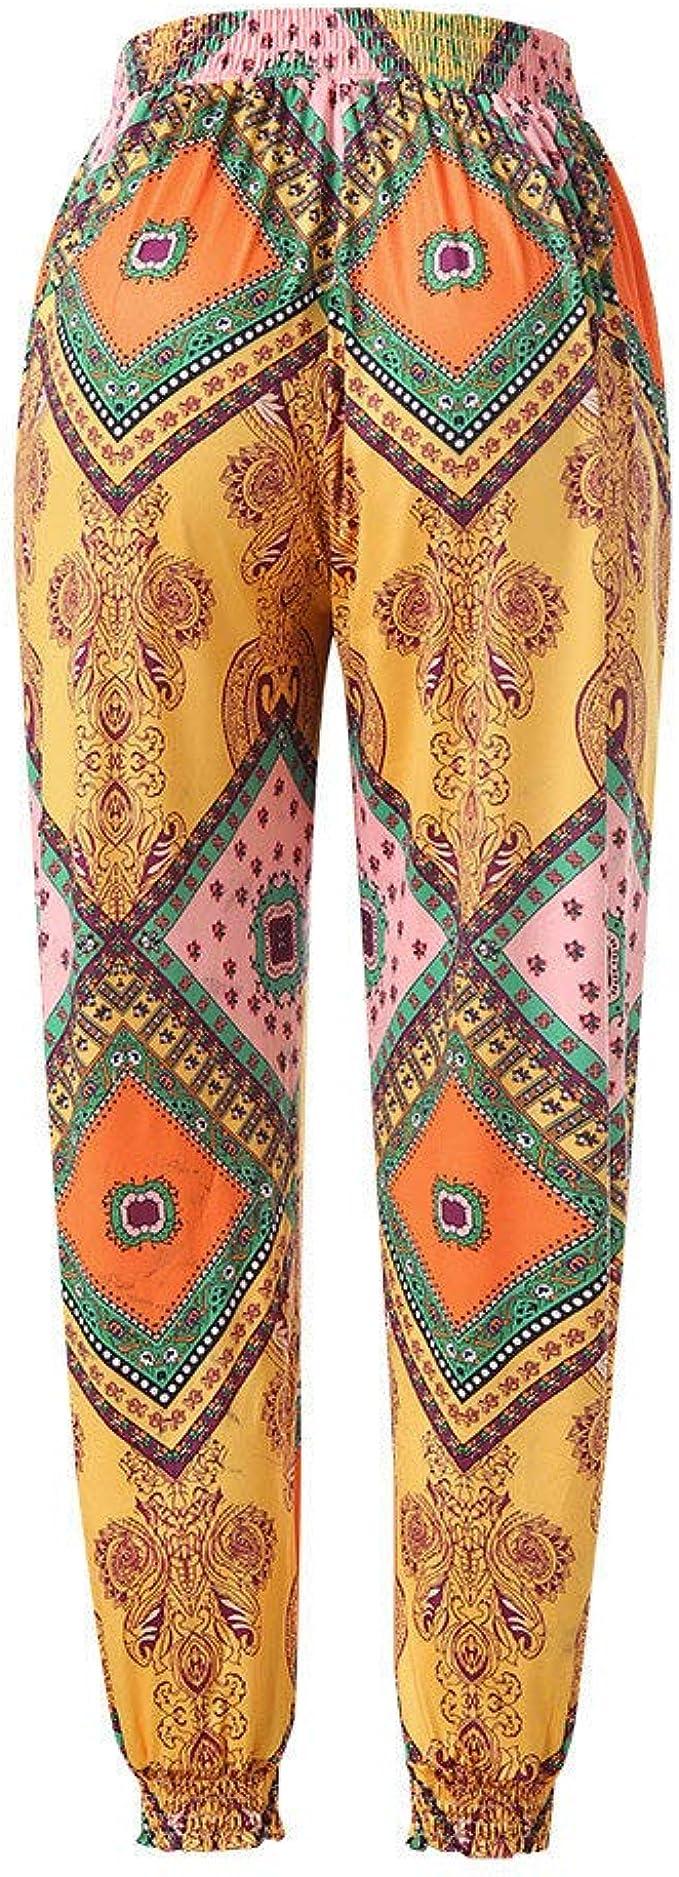 Innerternet Sarouel Femme /éLastique Taille Haute Pantalon Large De Yoga Boho Chic Pants Aladin Bouffant /éVas/é Classique Danse L/éGer Pantalons Large Fluide /éT/é Sarouel Sport Pants